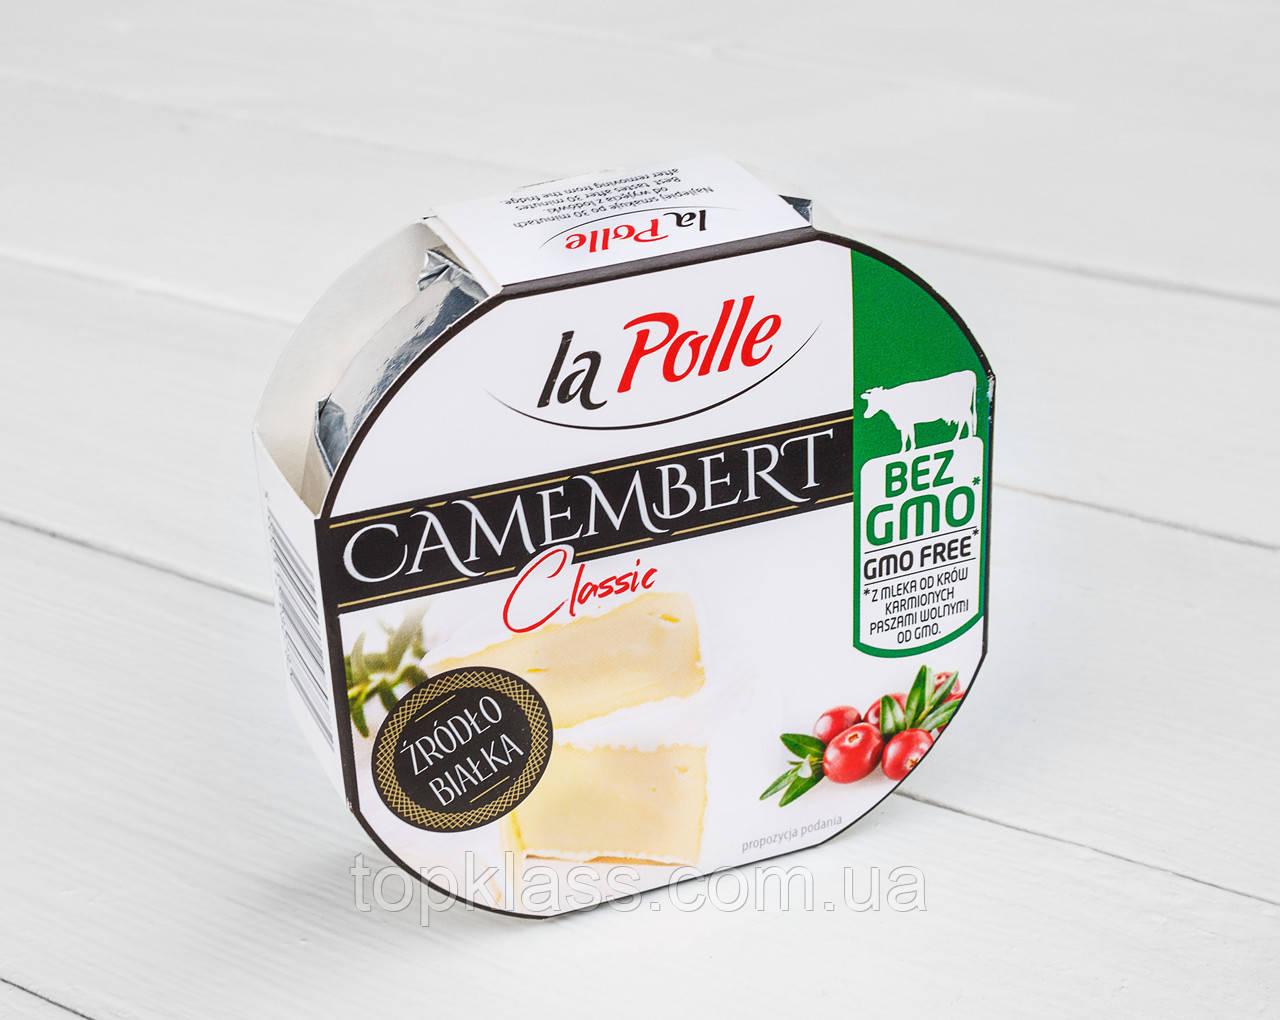 Сир Камамбер La Polle Camembert Classic 120 р. Польща